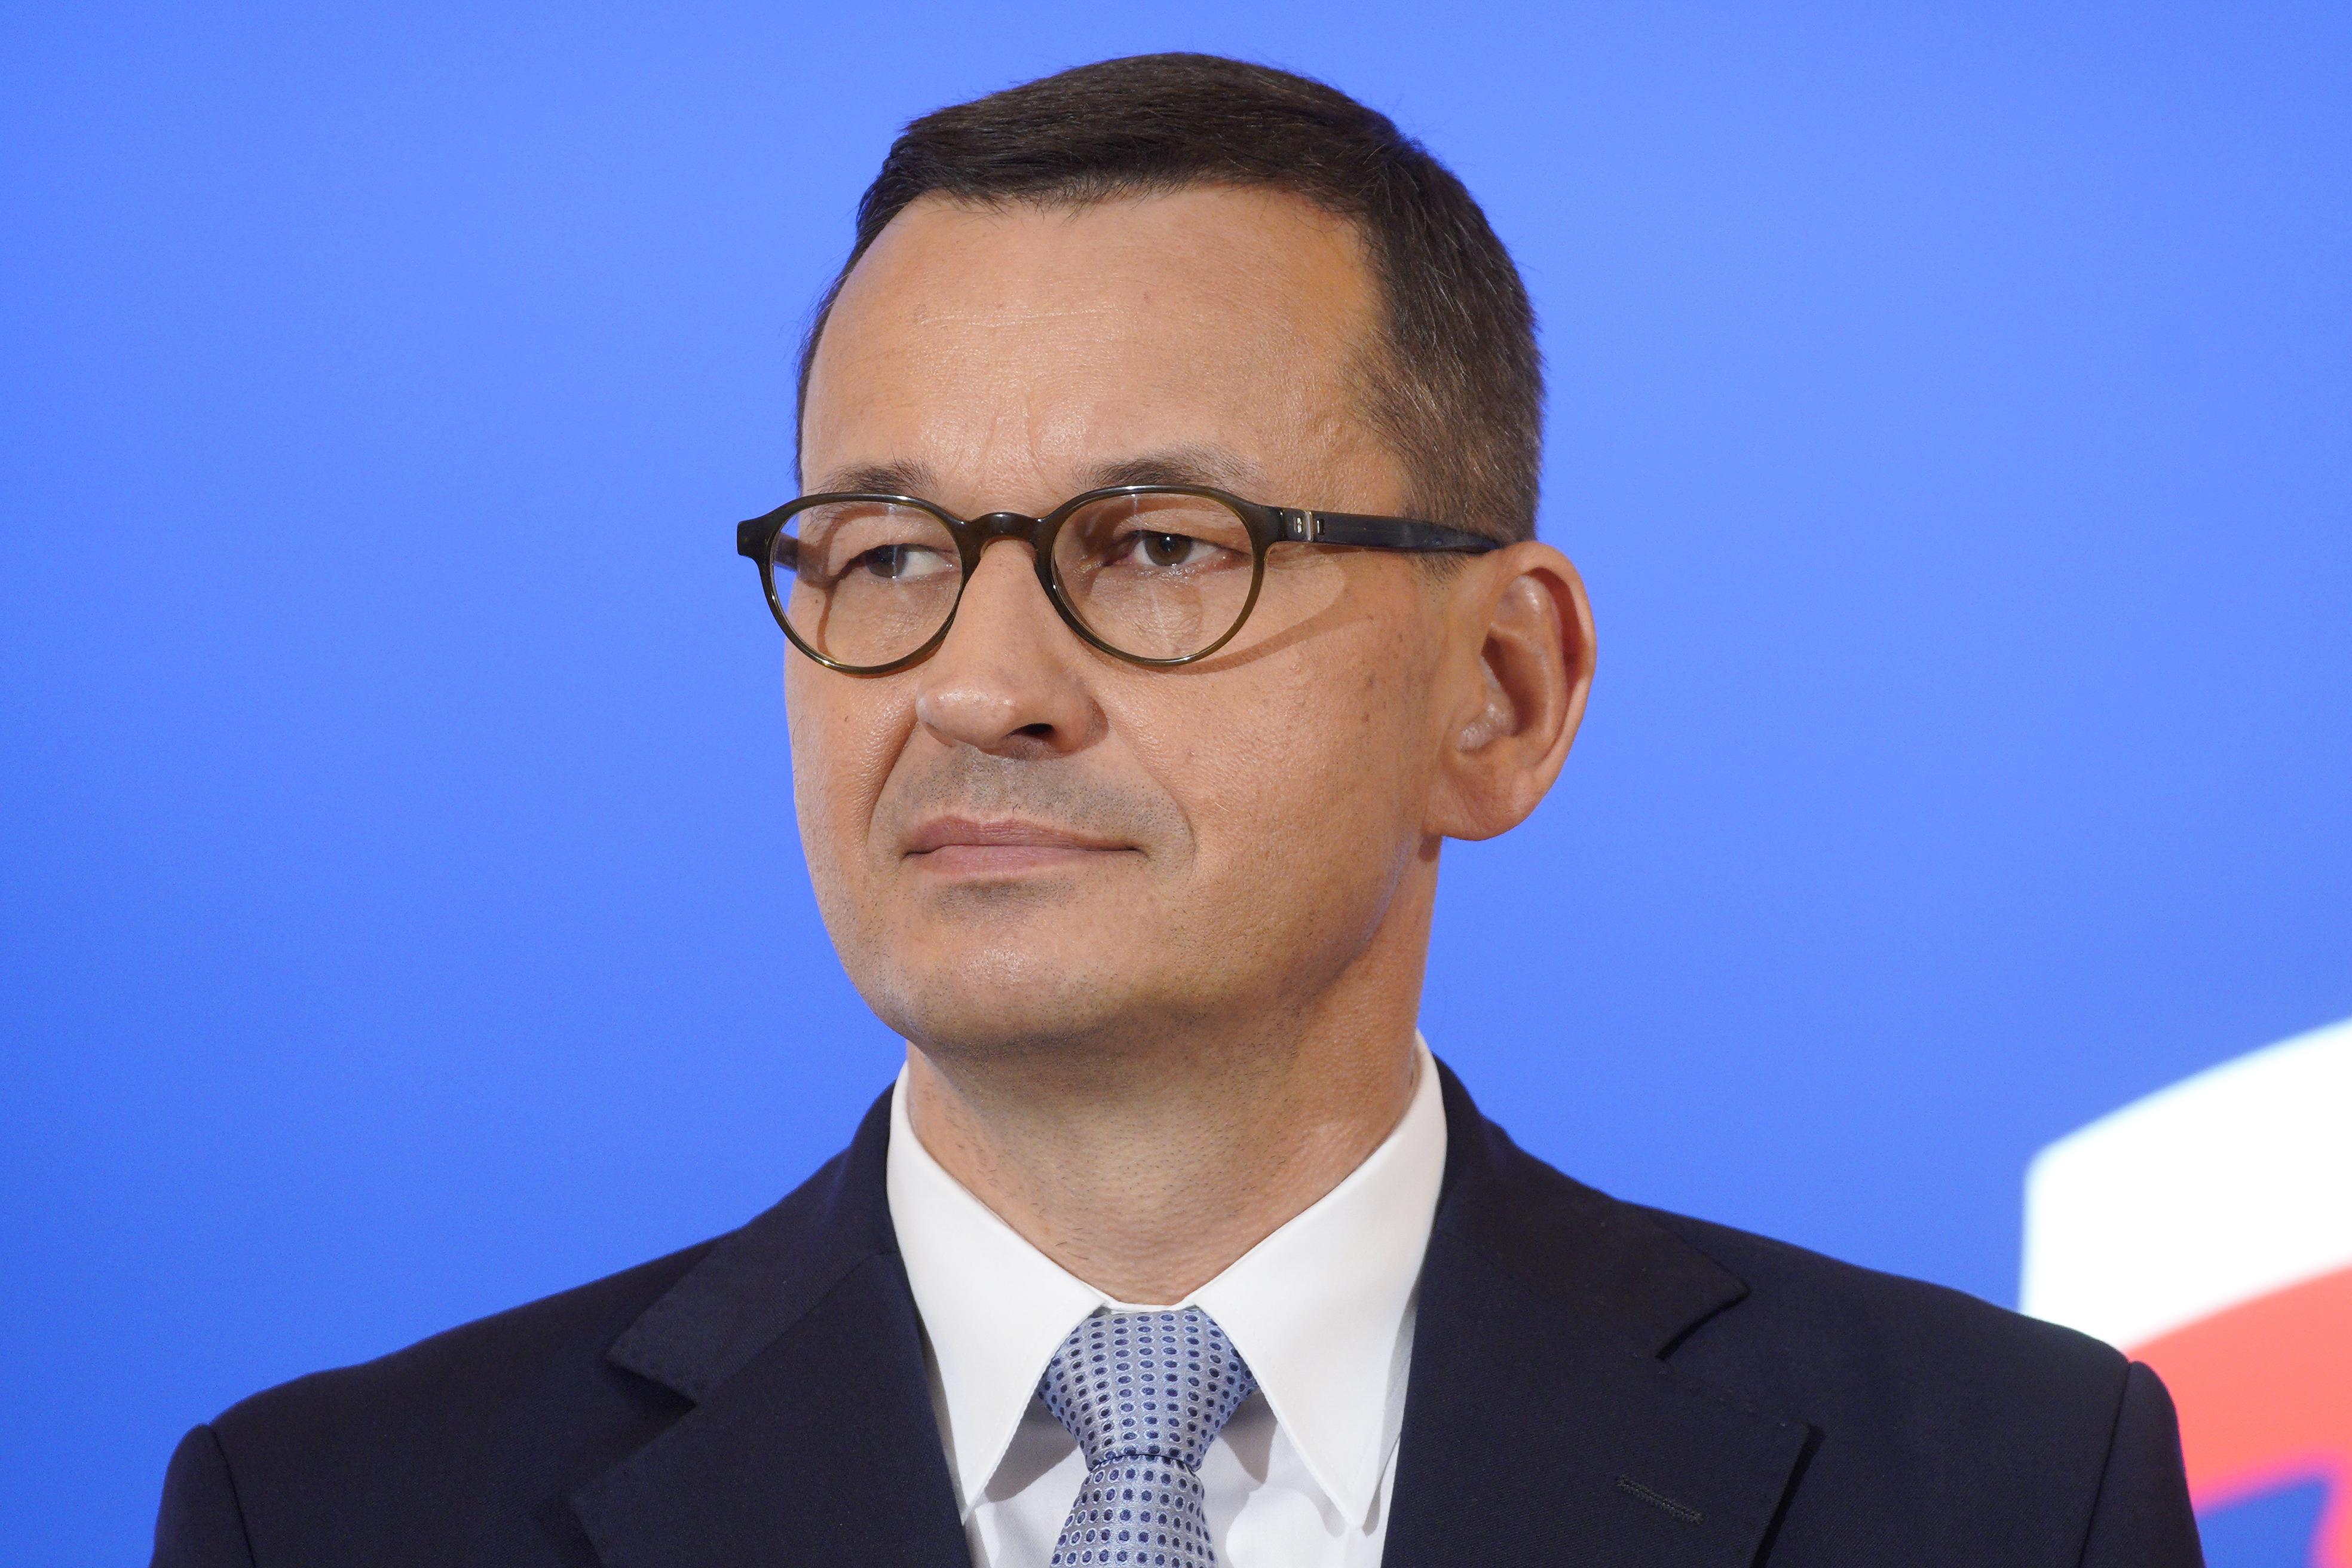 Ahhoz képest, ahogy nálunk a járványról kommunikálnak, ma ilyen sajtótájékoztatót tartott a lengyel egészségügyi miniszter